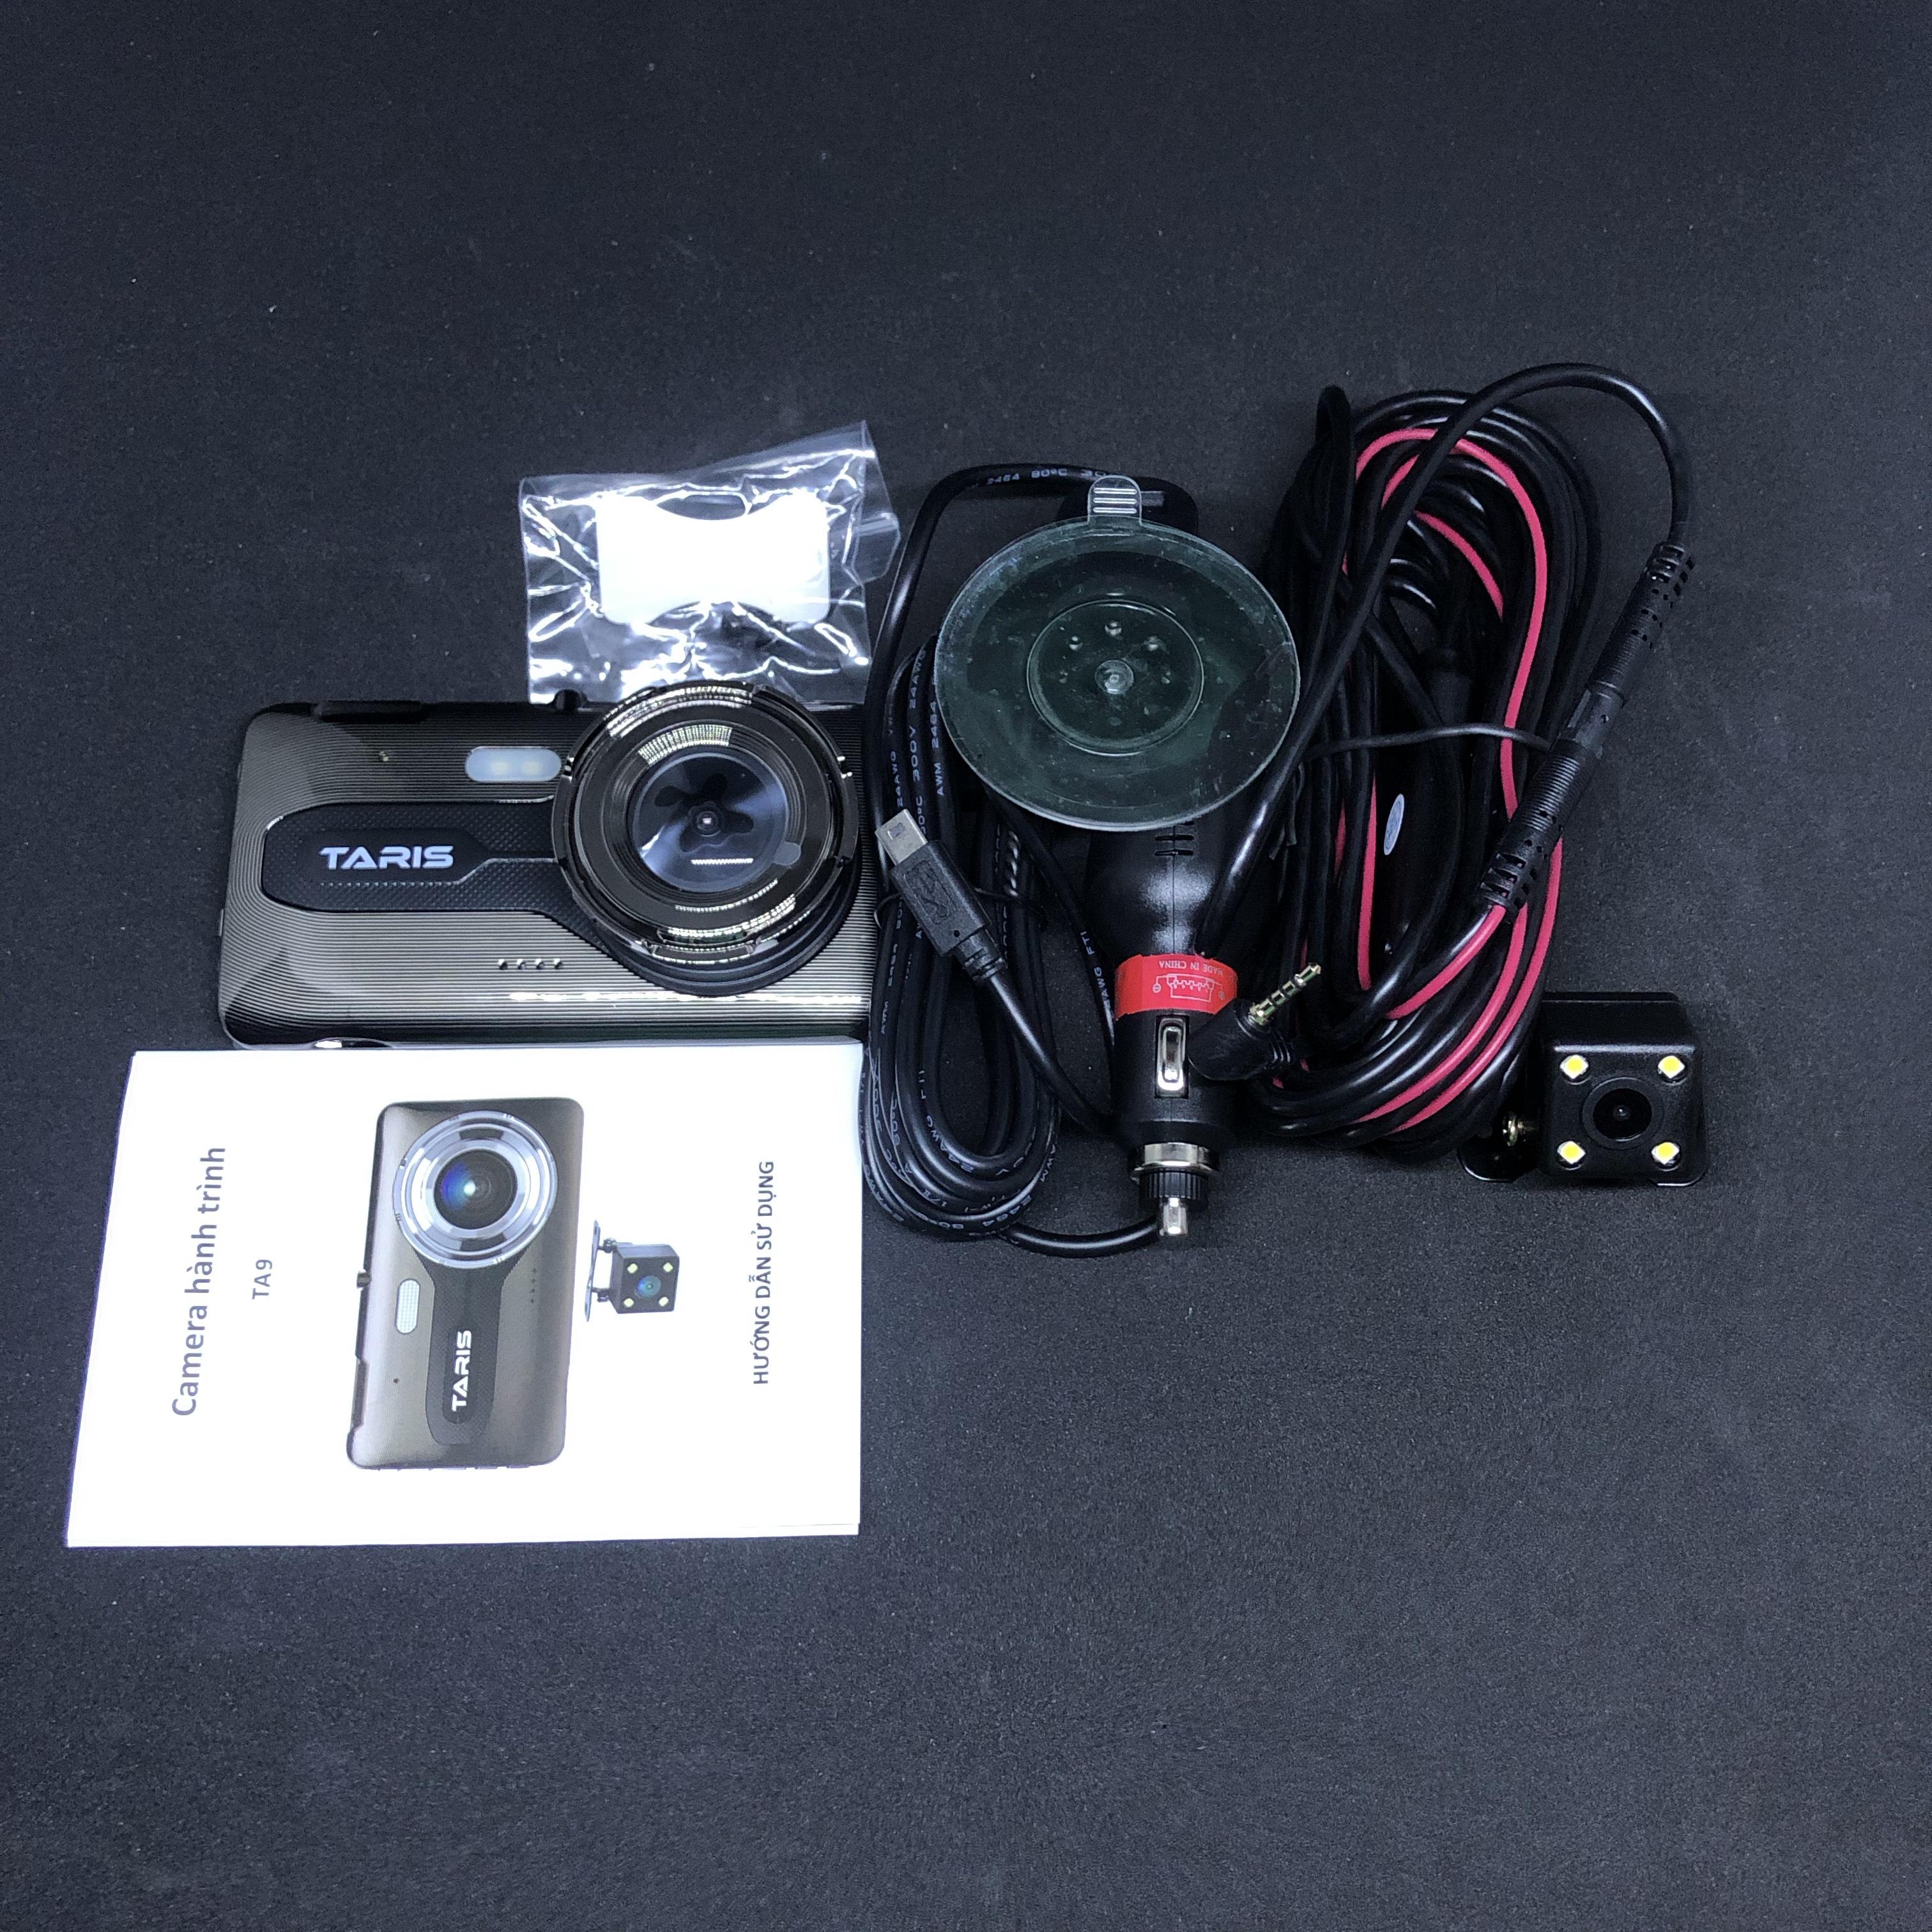 Camera hành trình Ô tô tự lắp dễ dàng Taris TA9 chính hãng - Full HD 1080p - cảnh báo va chạm - Gsensor - ghi hình ngược sáng - thẻ nhớ 32BG